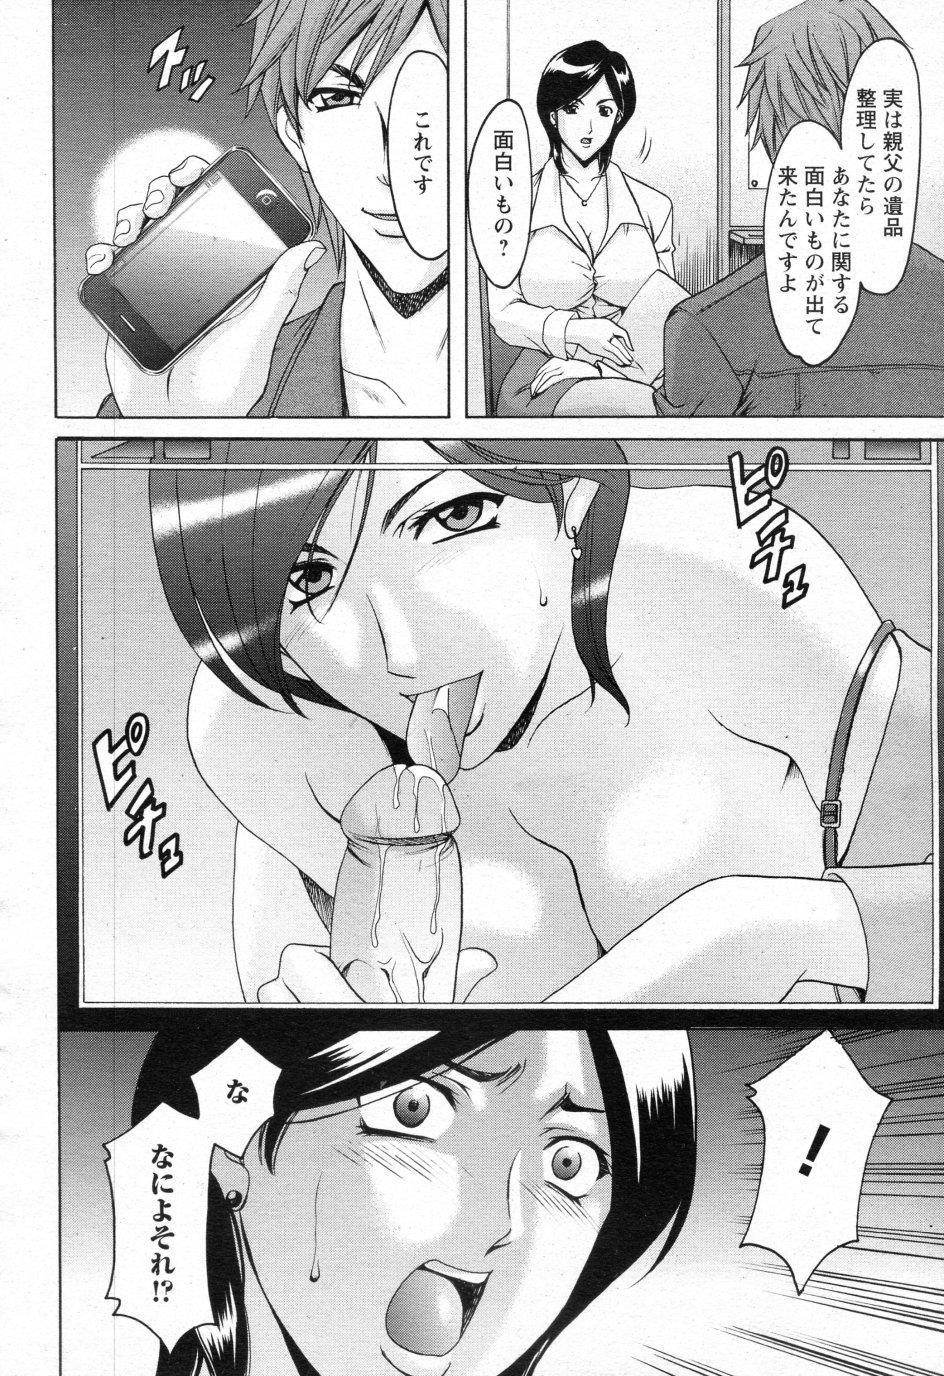 [Hoshino Ryuichi] Mjo Collection -Nidaime Choukyoushi- Ch.01-02 39